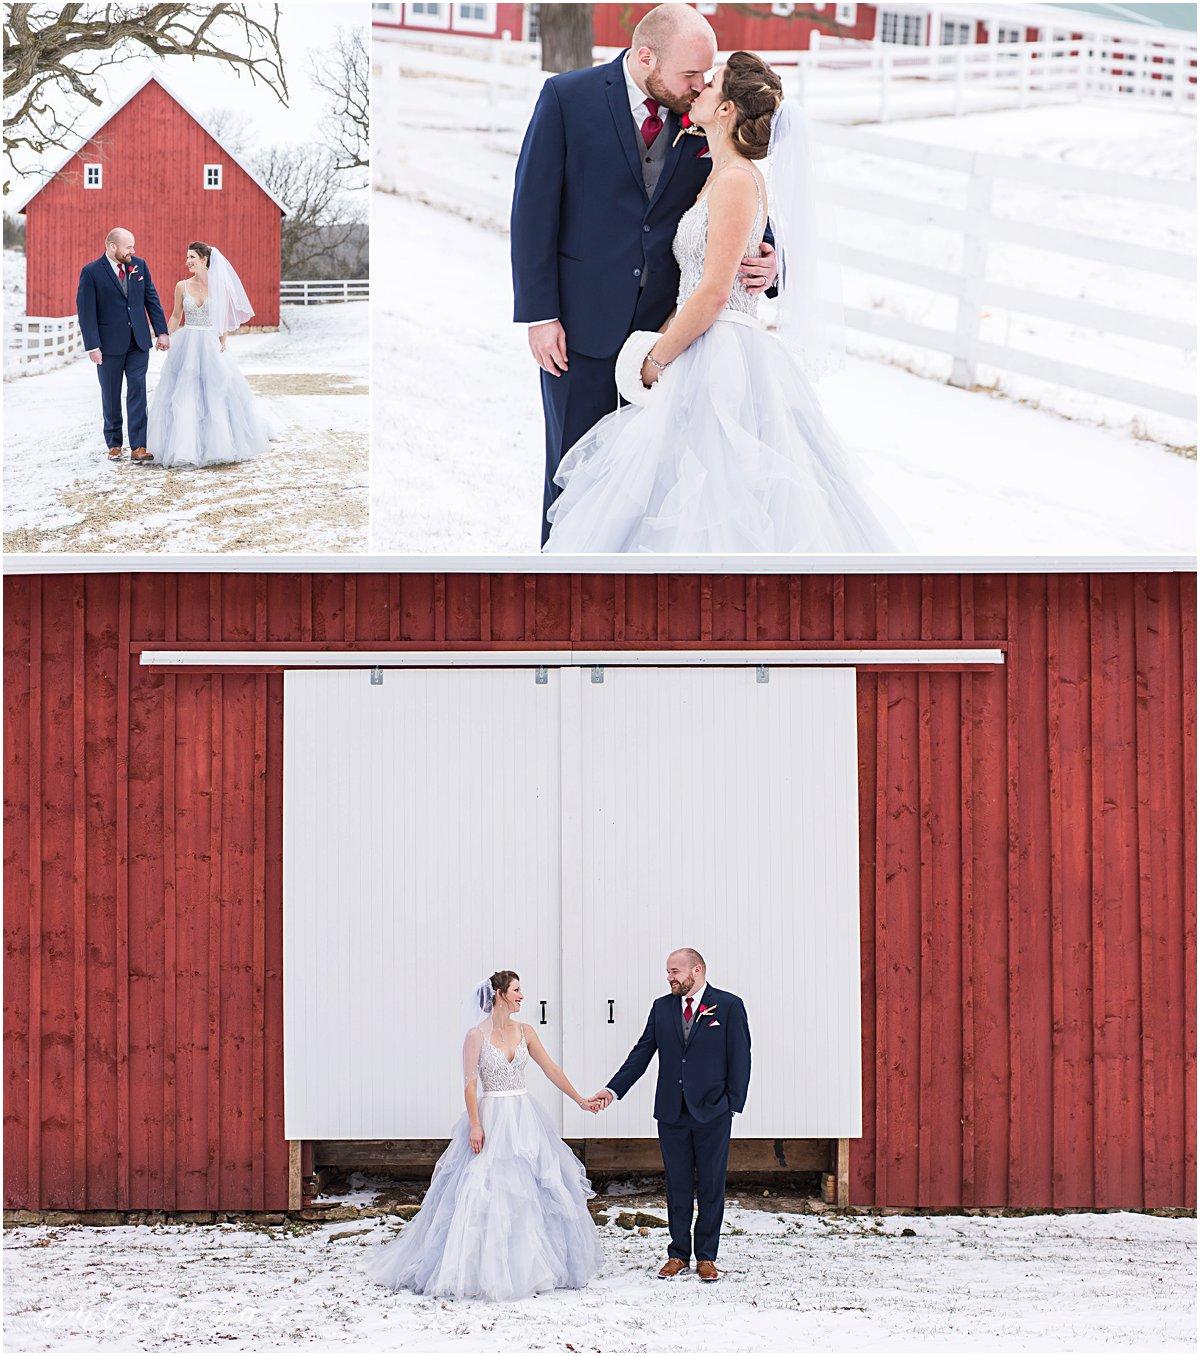 Helget Wedding Dec 2017_0017.jpg